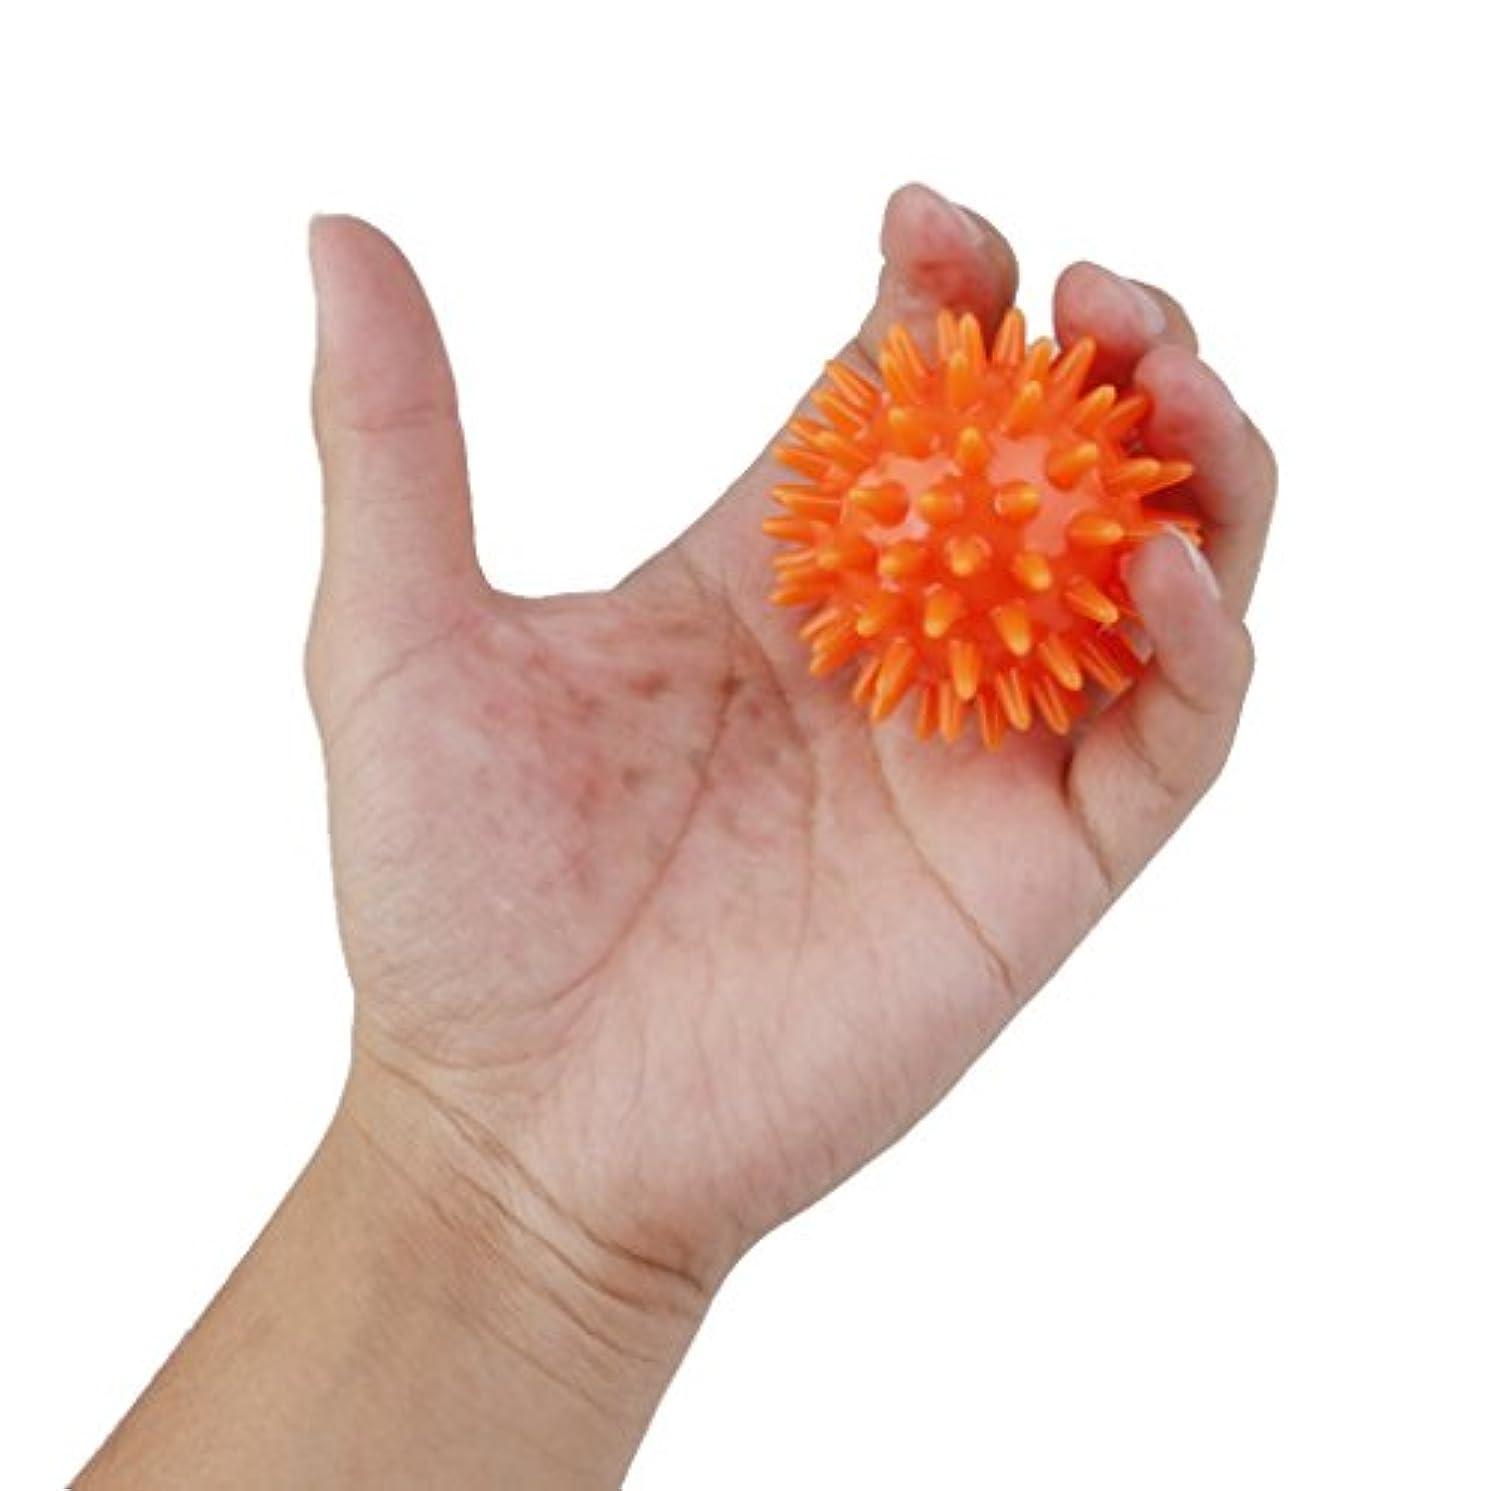 メルボルンイタリアの比率Baosity マッサージボール 手のひら 足 腕 首 背中 足首 ダーク フック側 マッサージ 疲れ 緩和 オレンジ